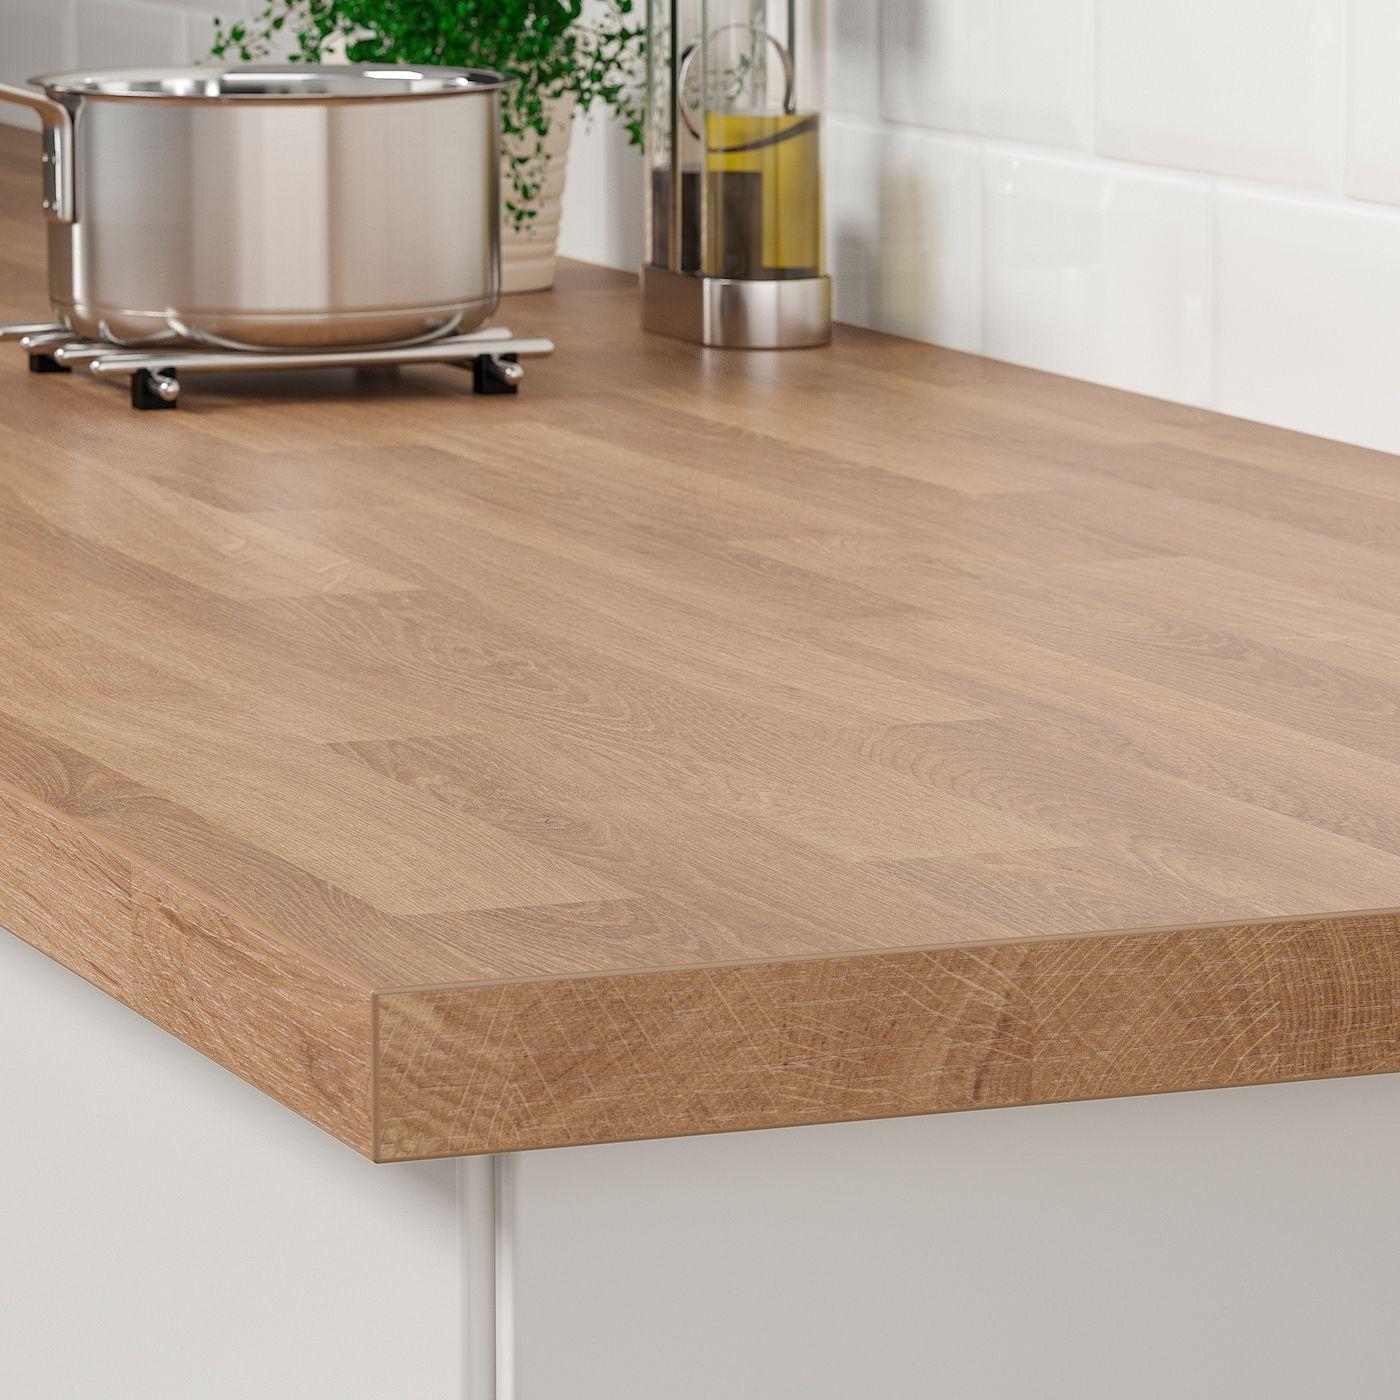 Saljan Arbeitsplatte Eichenachbildung Laminat Ikea Osterreich In 2020 Laminate Countertops Countertops Laminate